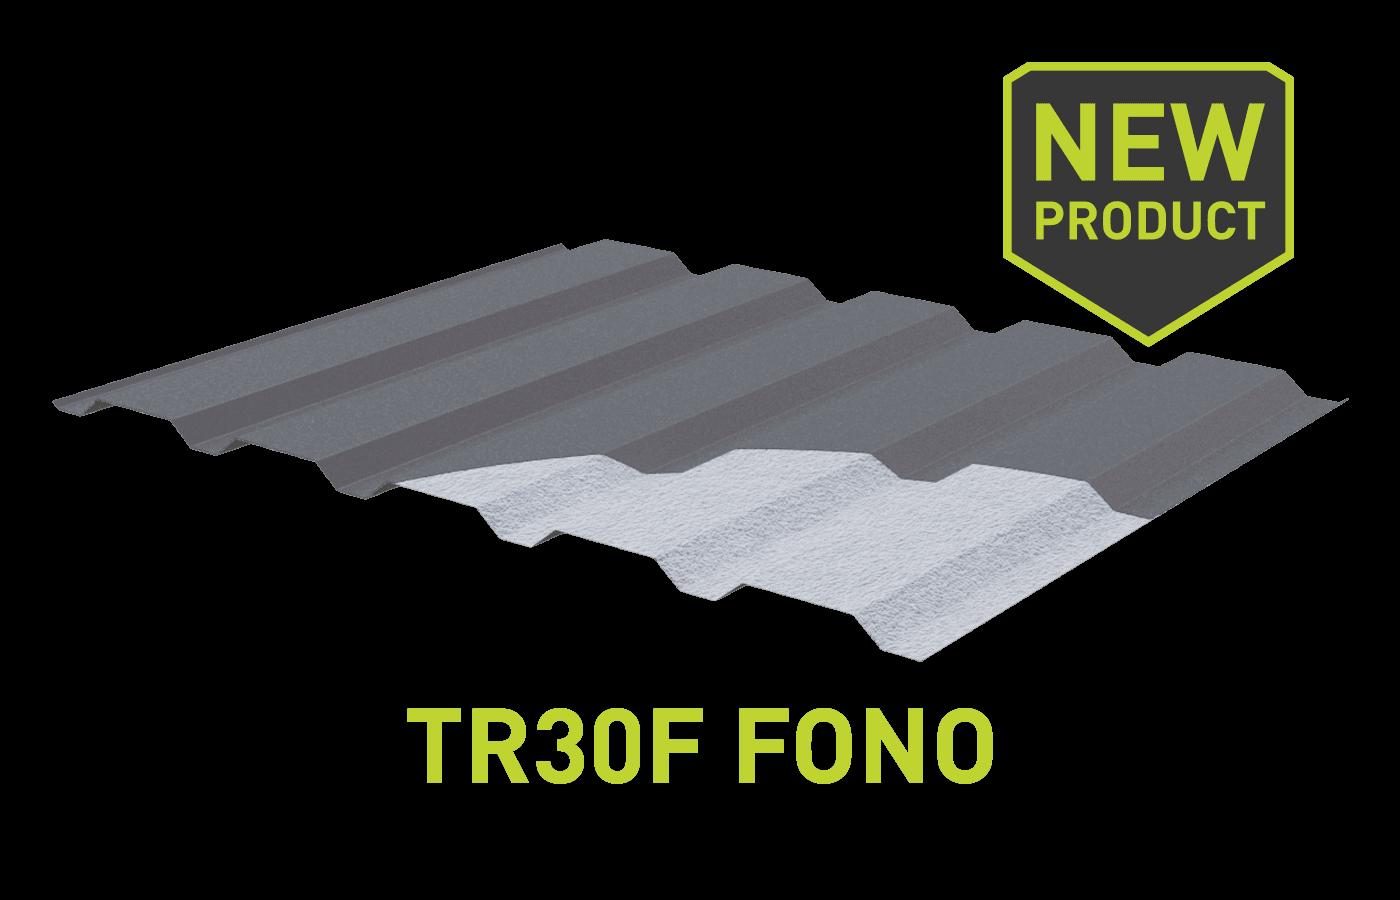 Metigla TR30F FONO